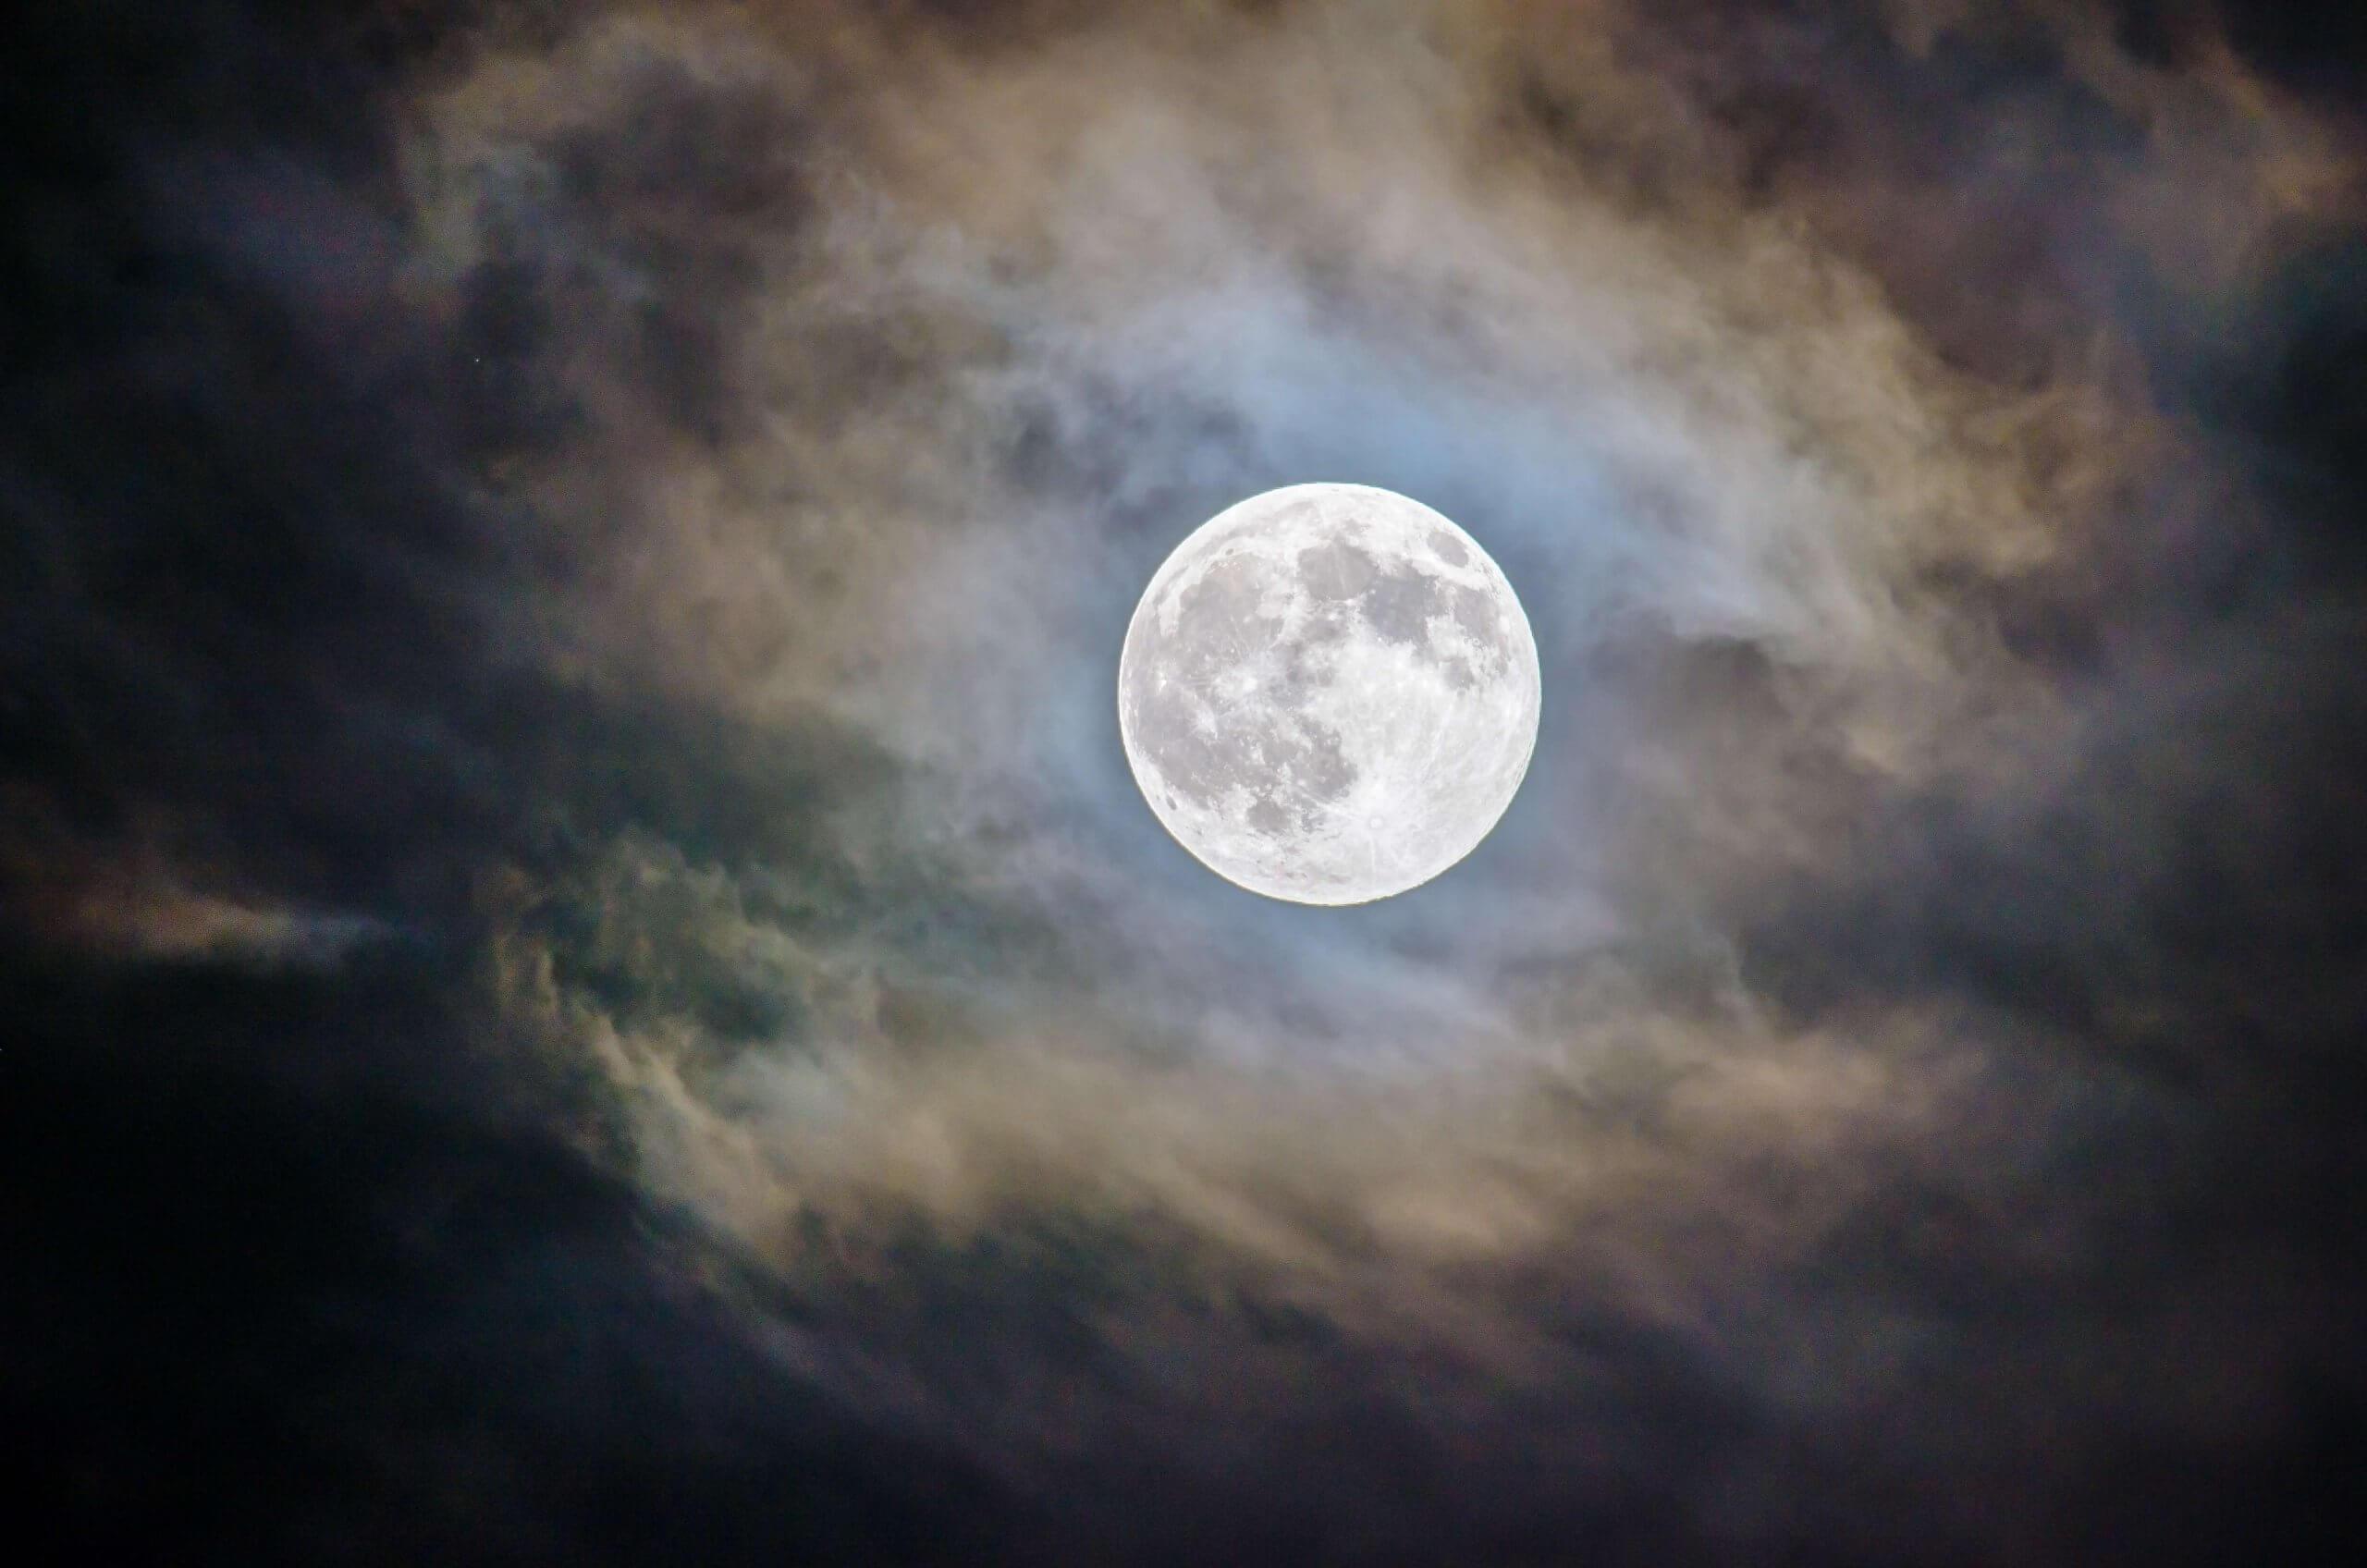 Hou jij ook zo van de maan?